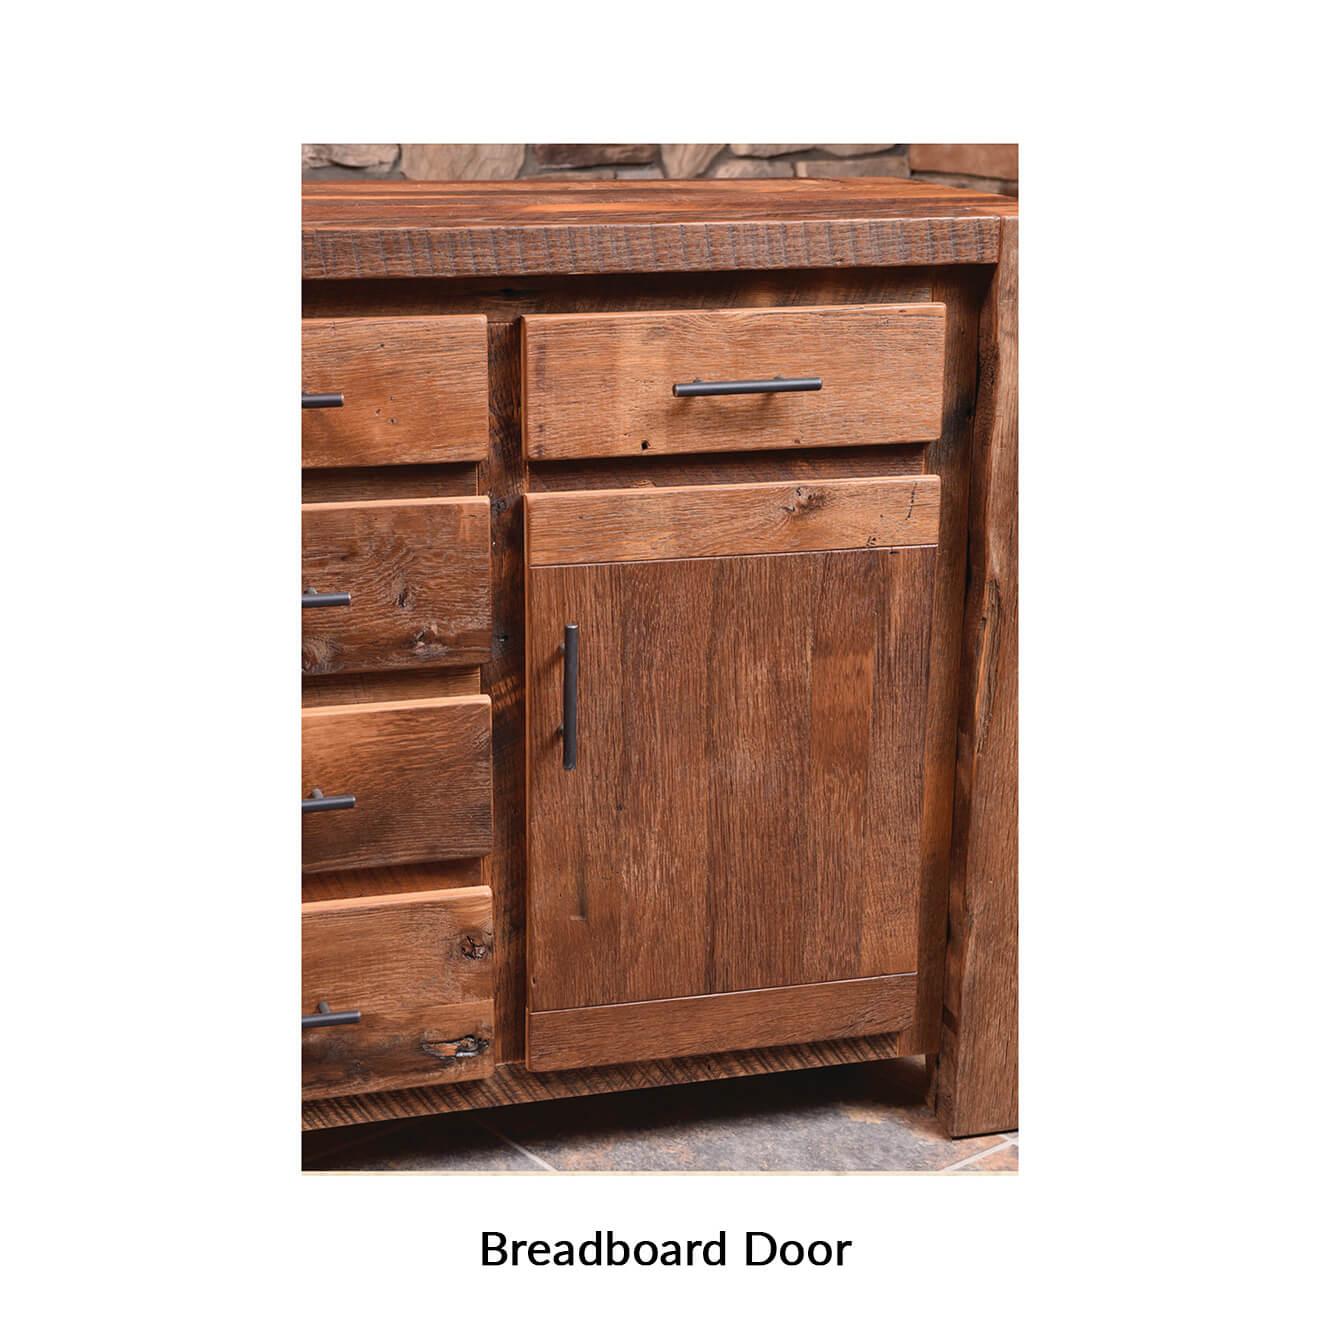 8.0-breadboard-door.jpg